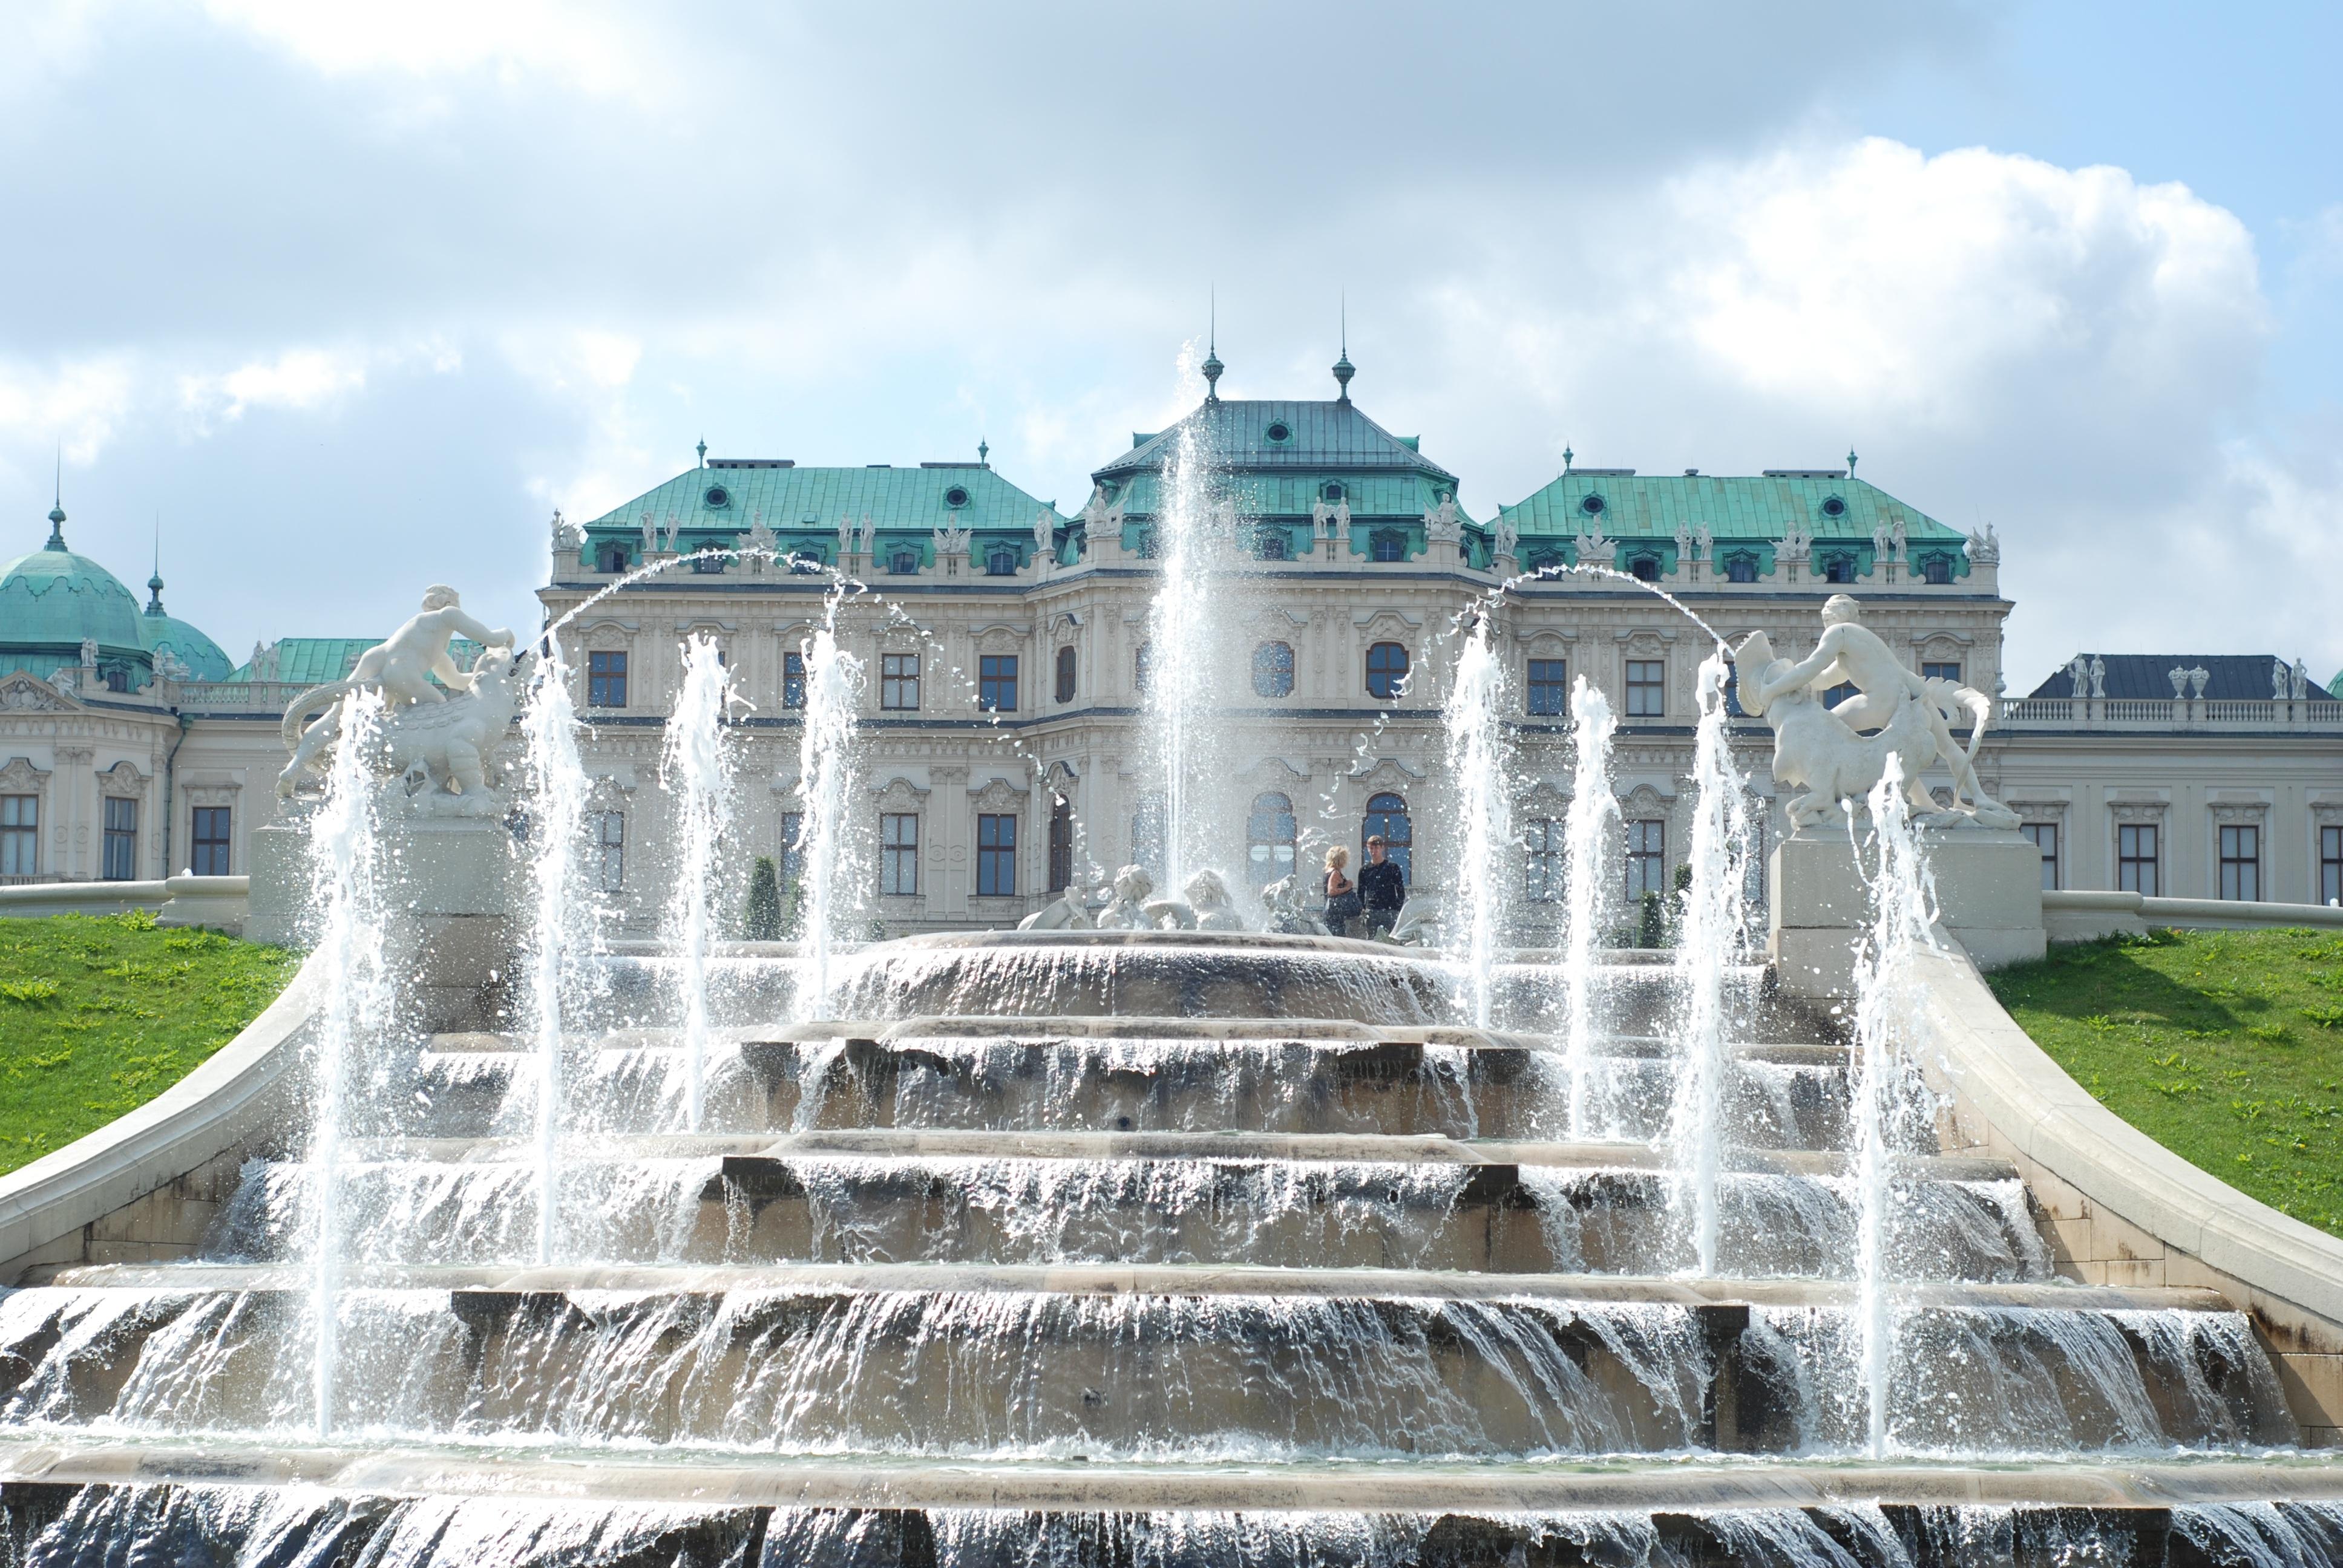 Фотографии Вена дворца Австрия Фонтаны Palace complex Belvedere Города скульптура 3872x2592 Дворец город Скульптуры